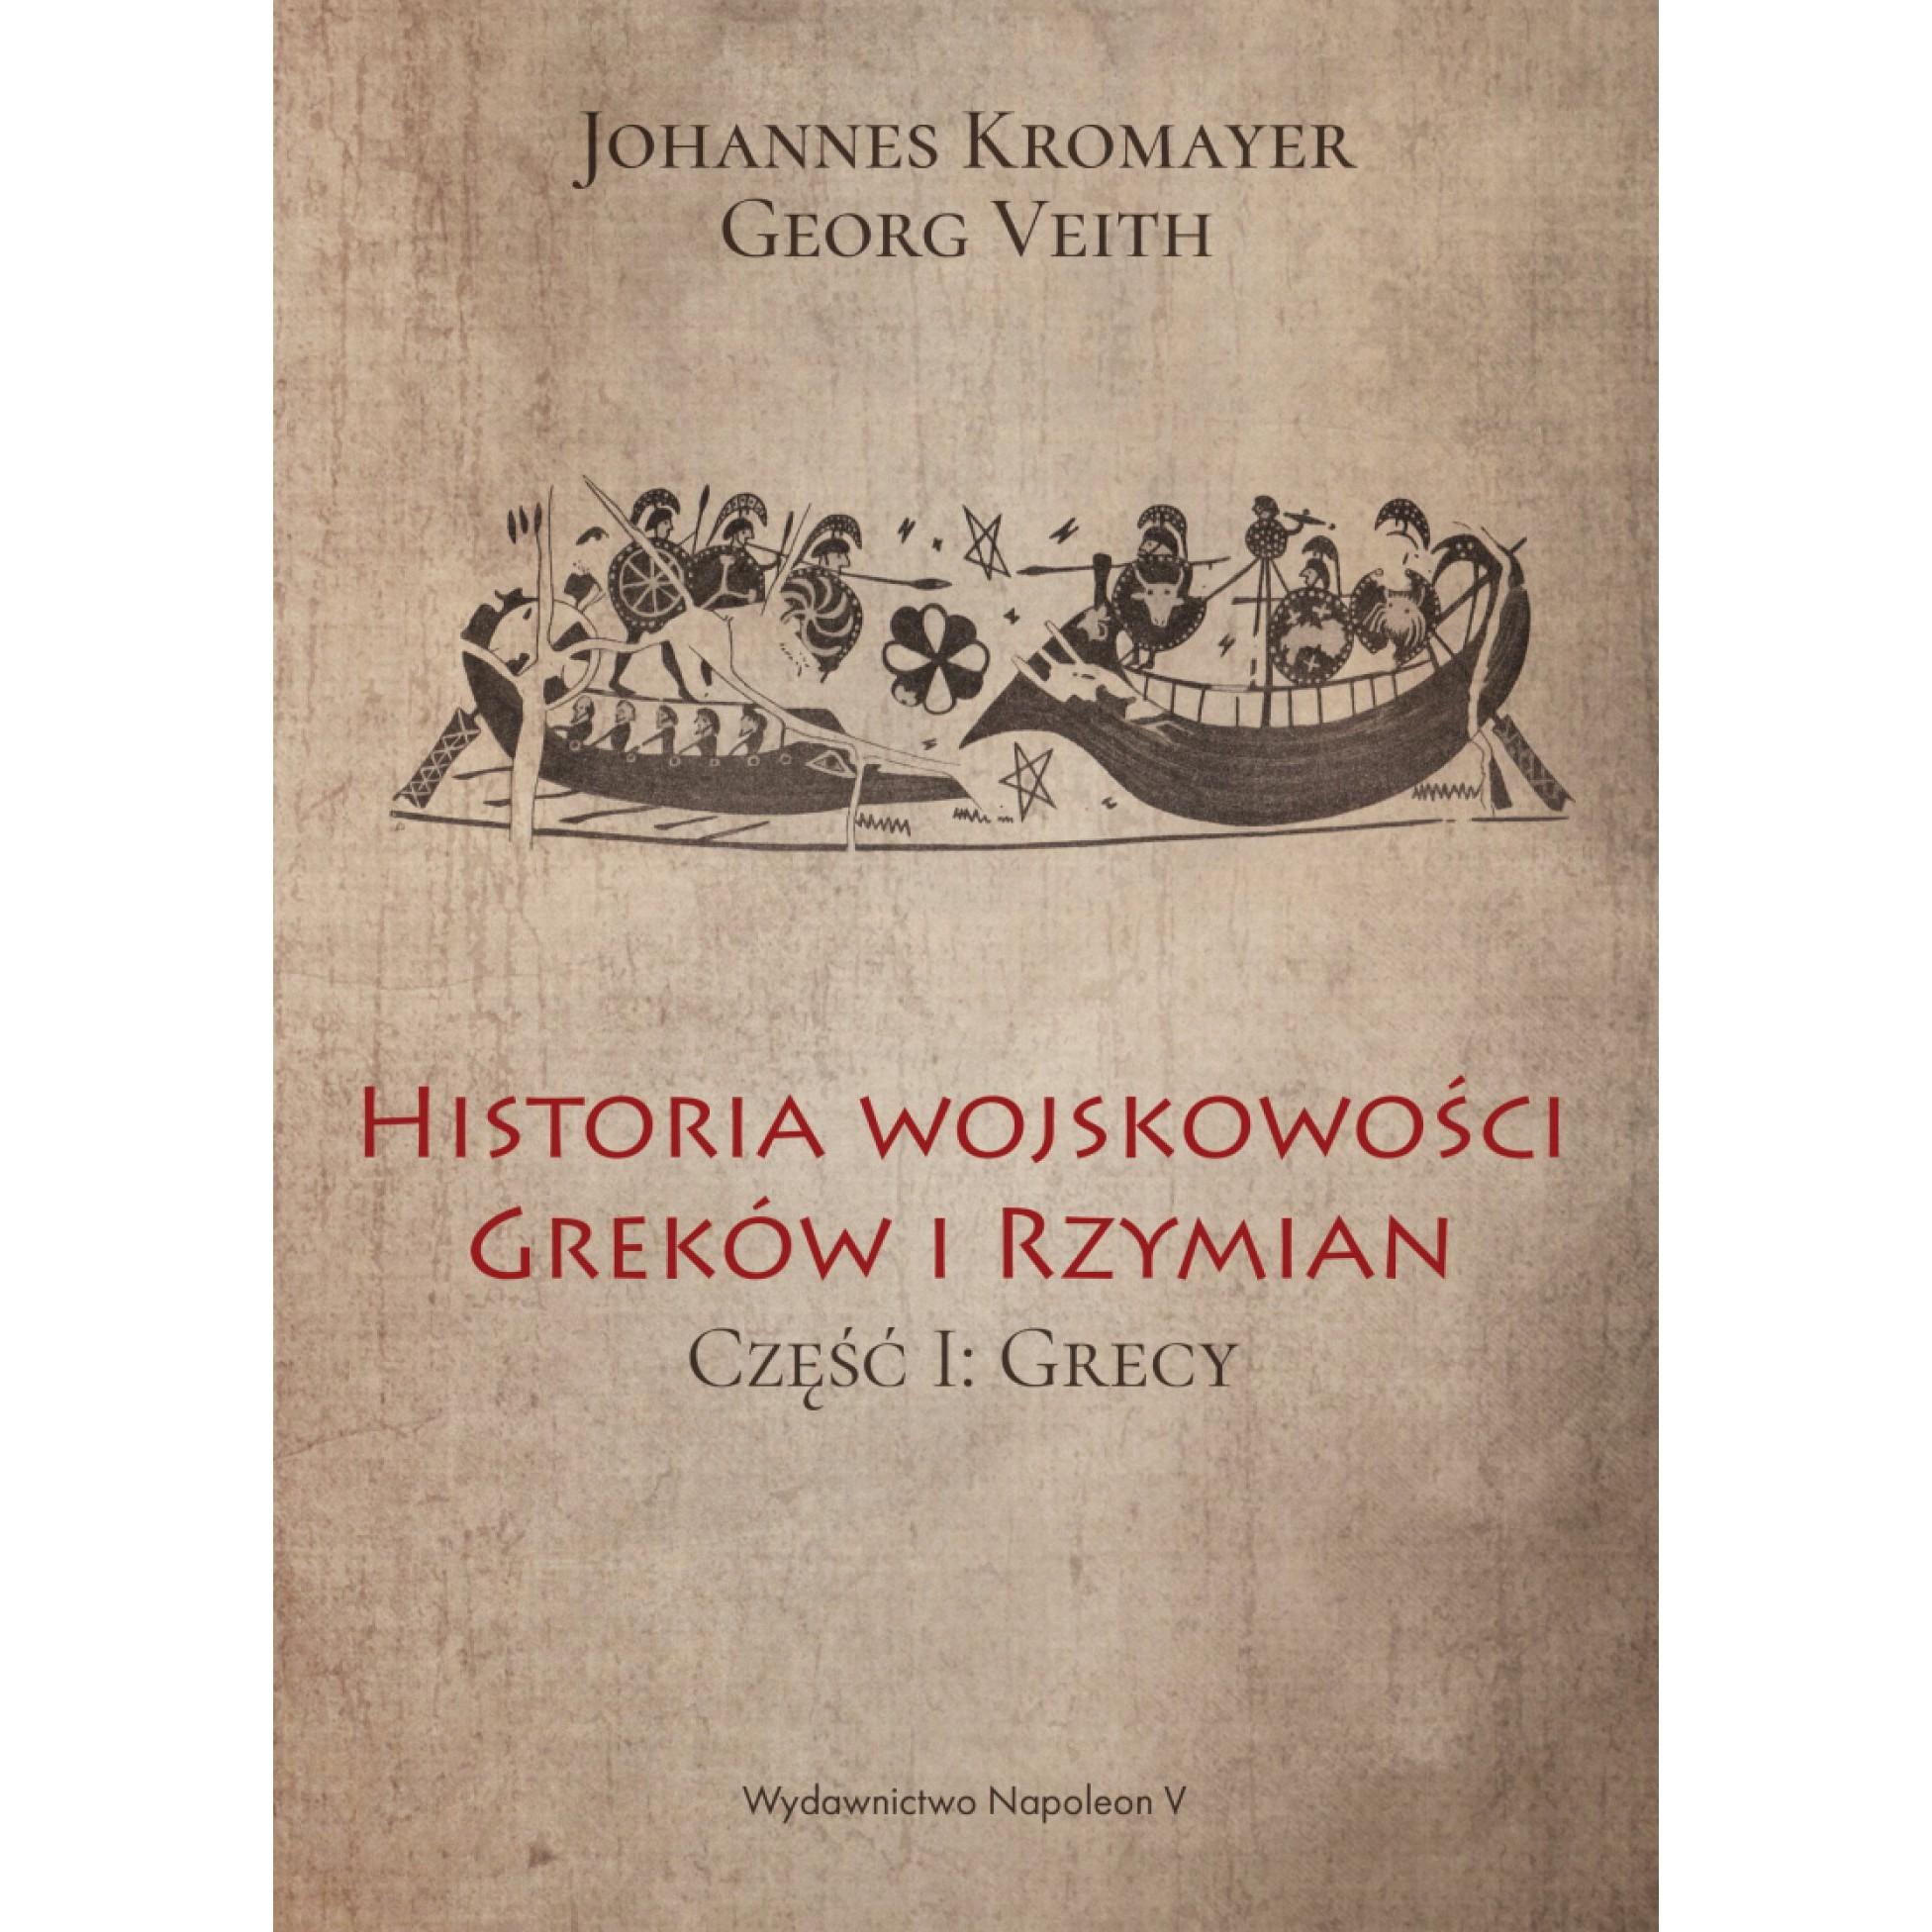 Historia wojskowości Greków i Rzymian część I Grecy